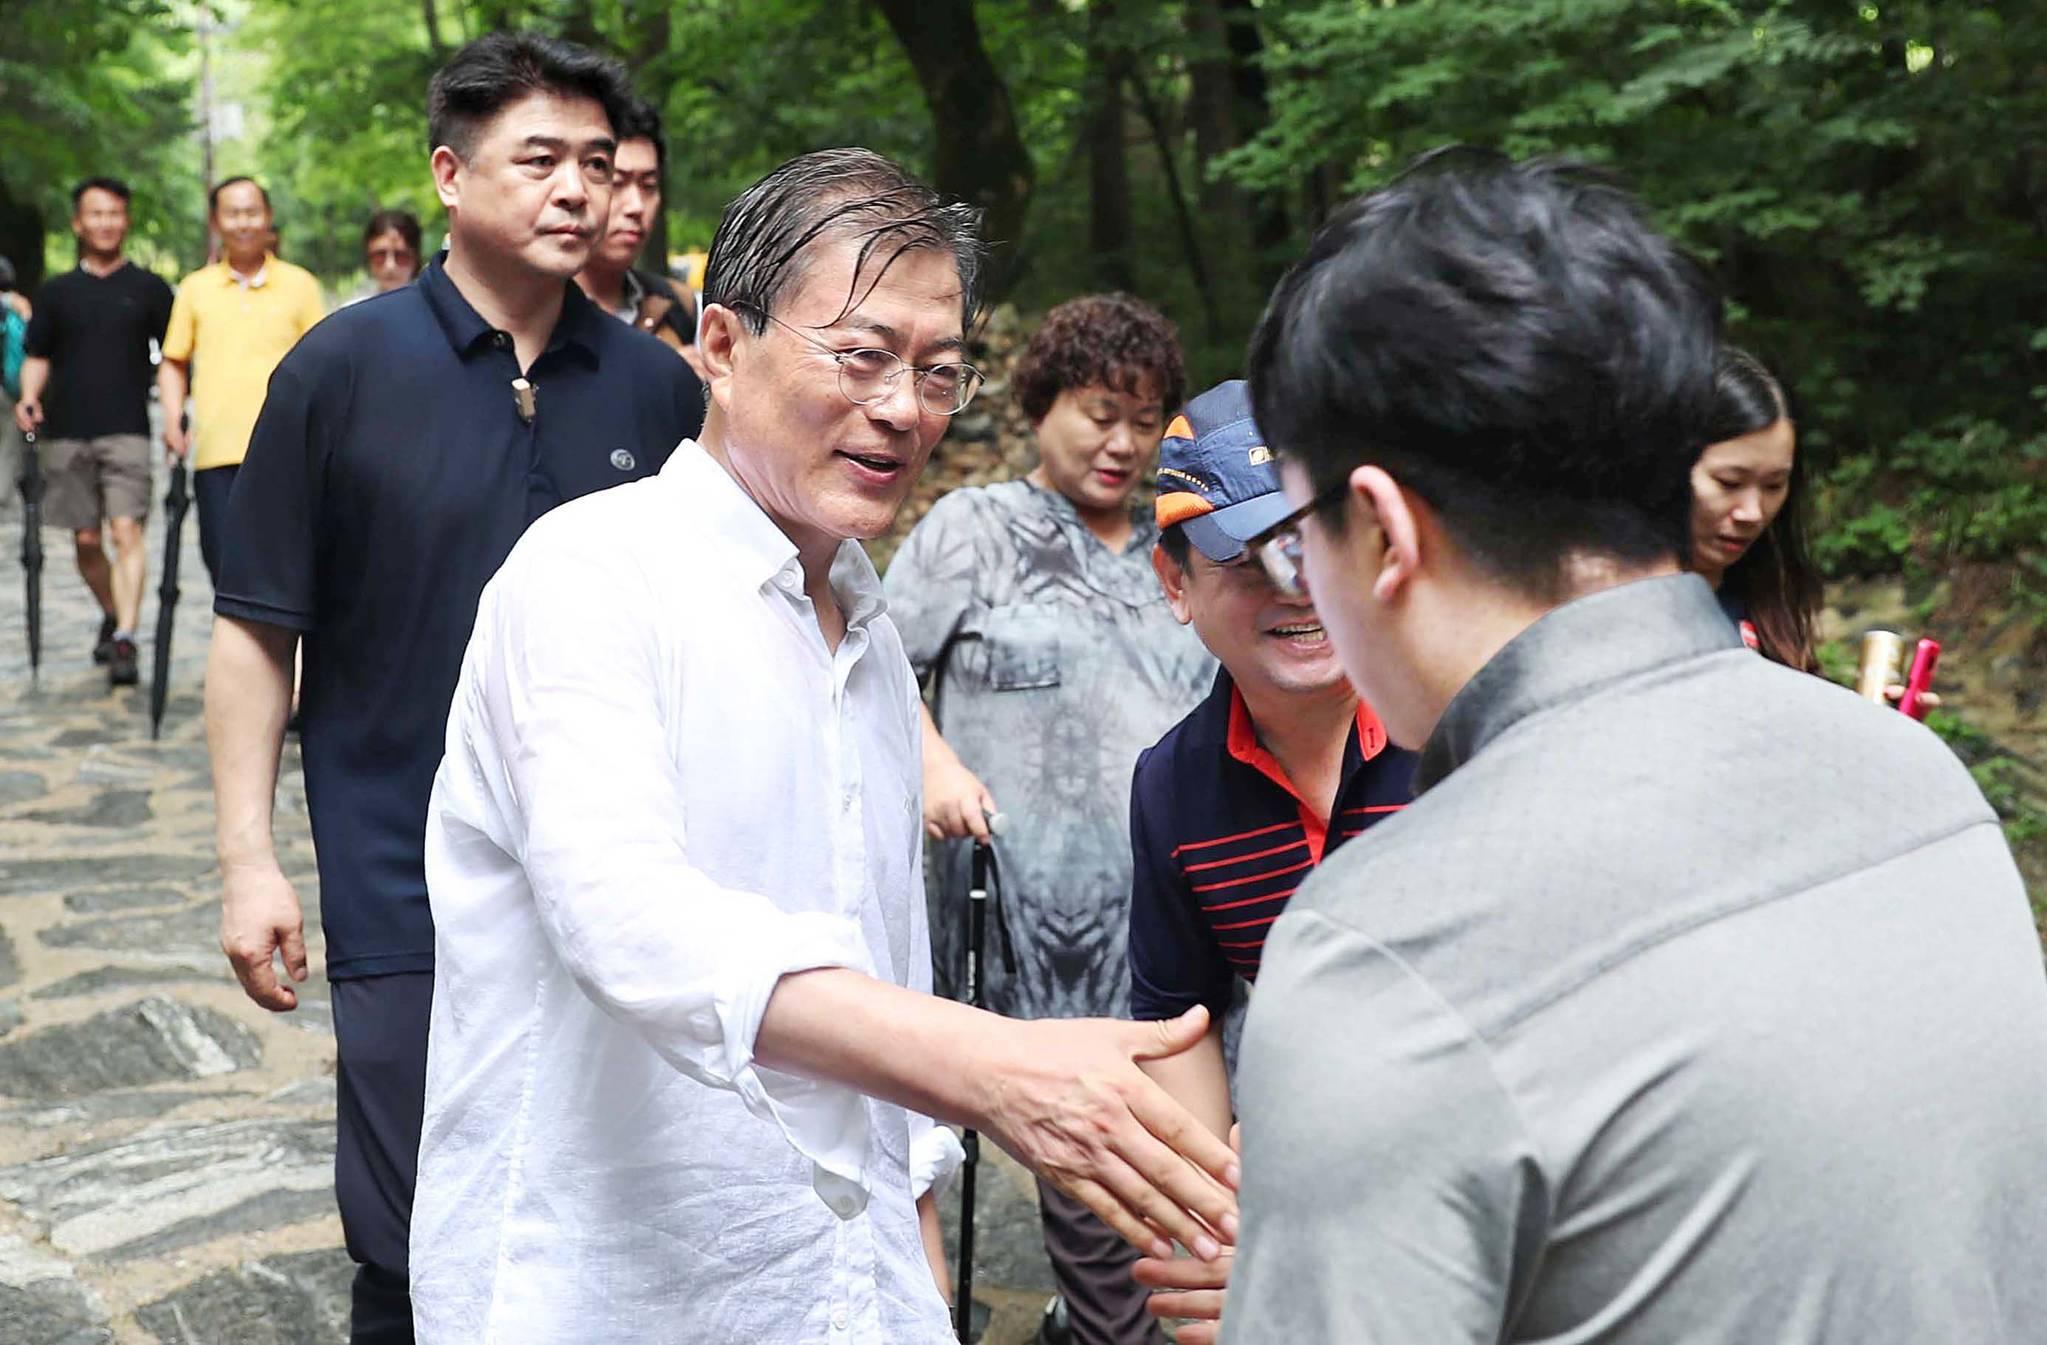 휴가 2일차이던 지난 7월 31일 문재인 대통령은 오대산 상원사길을 걸었다. 길을 걸으며 시민들과 인사 나누고 있다.[사진 청와대]